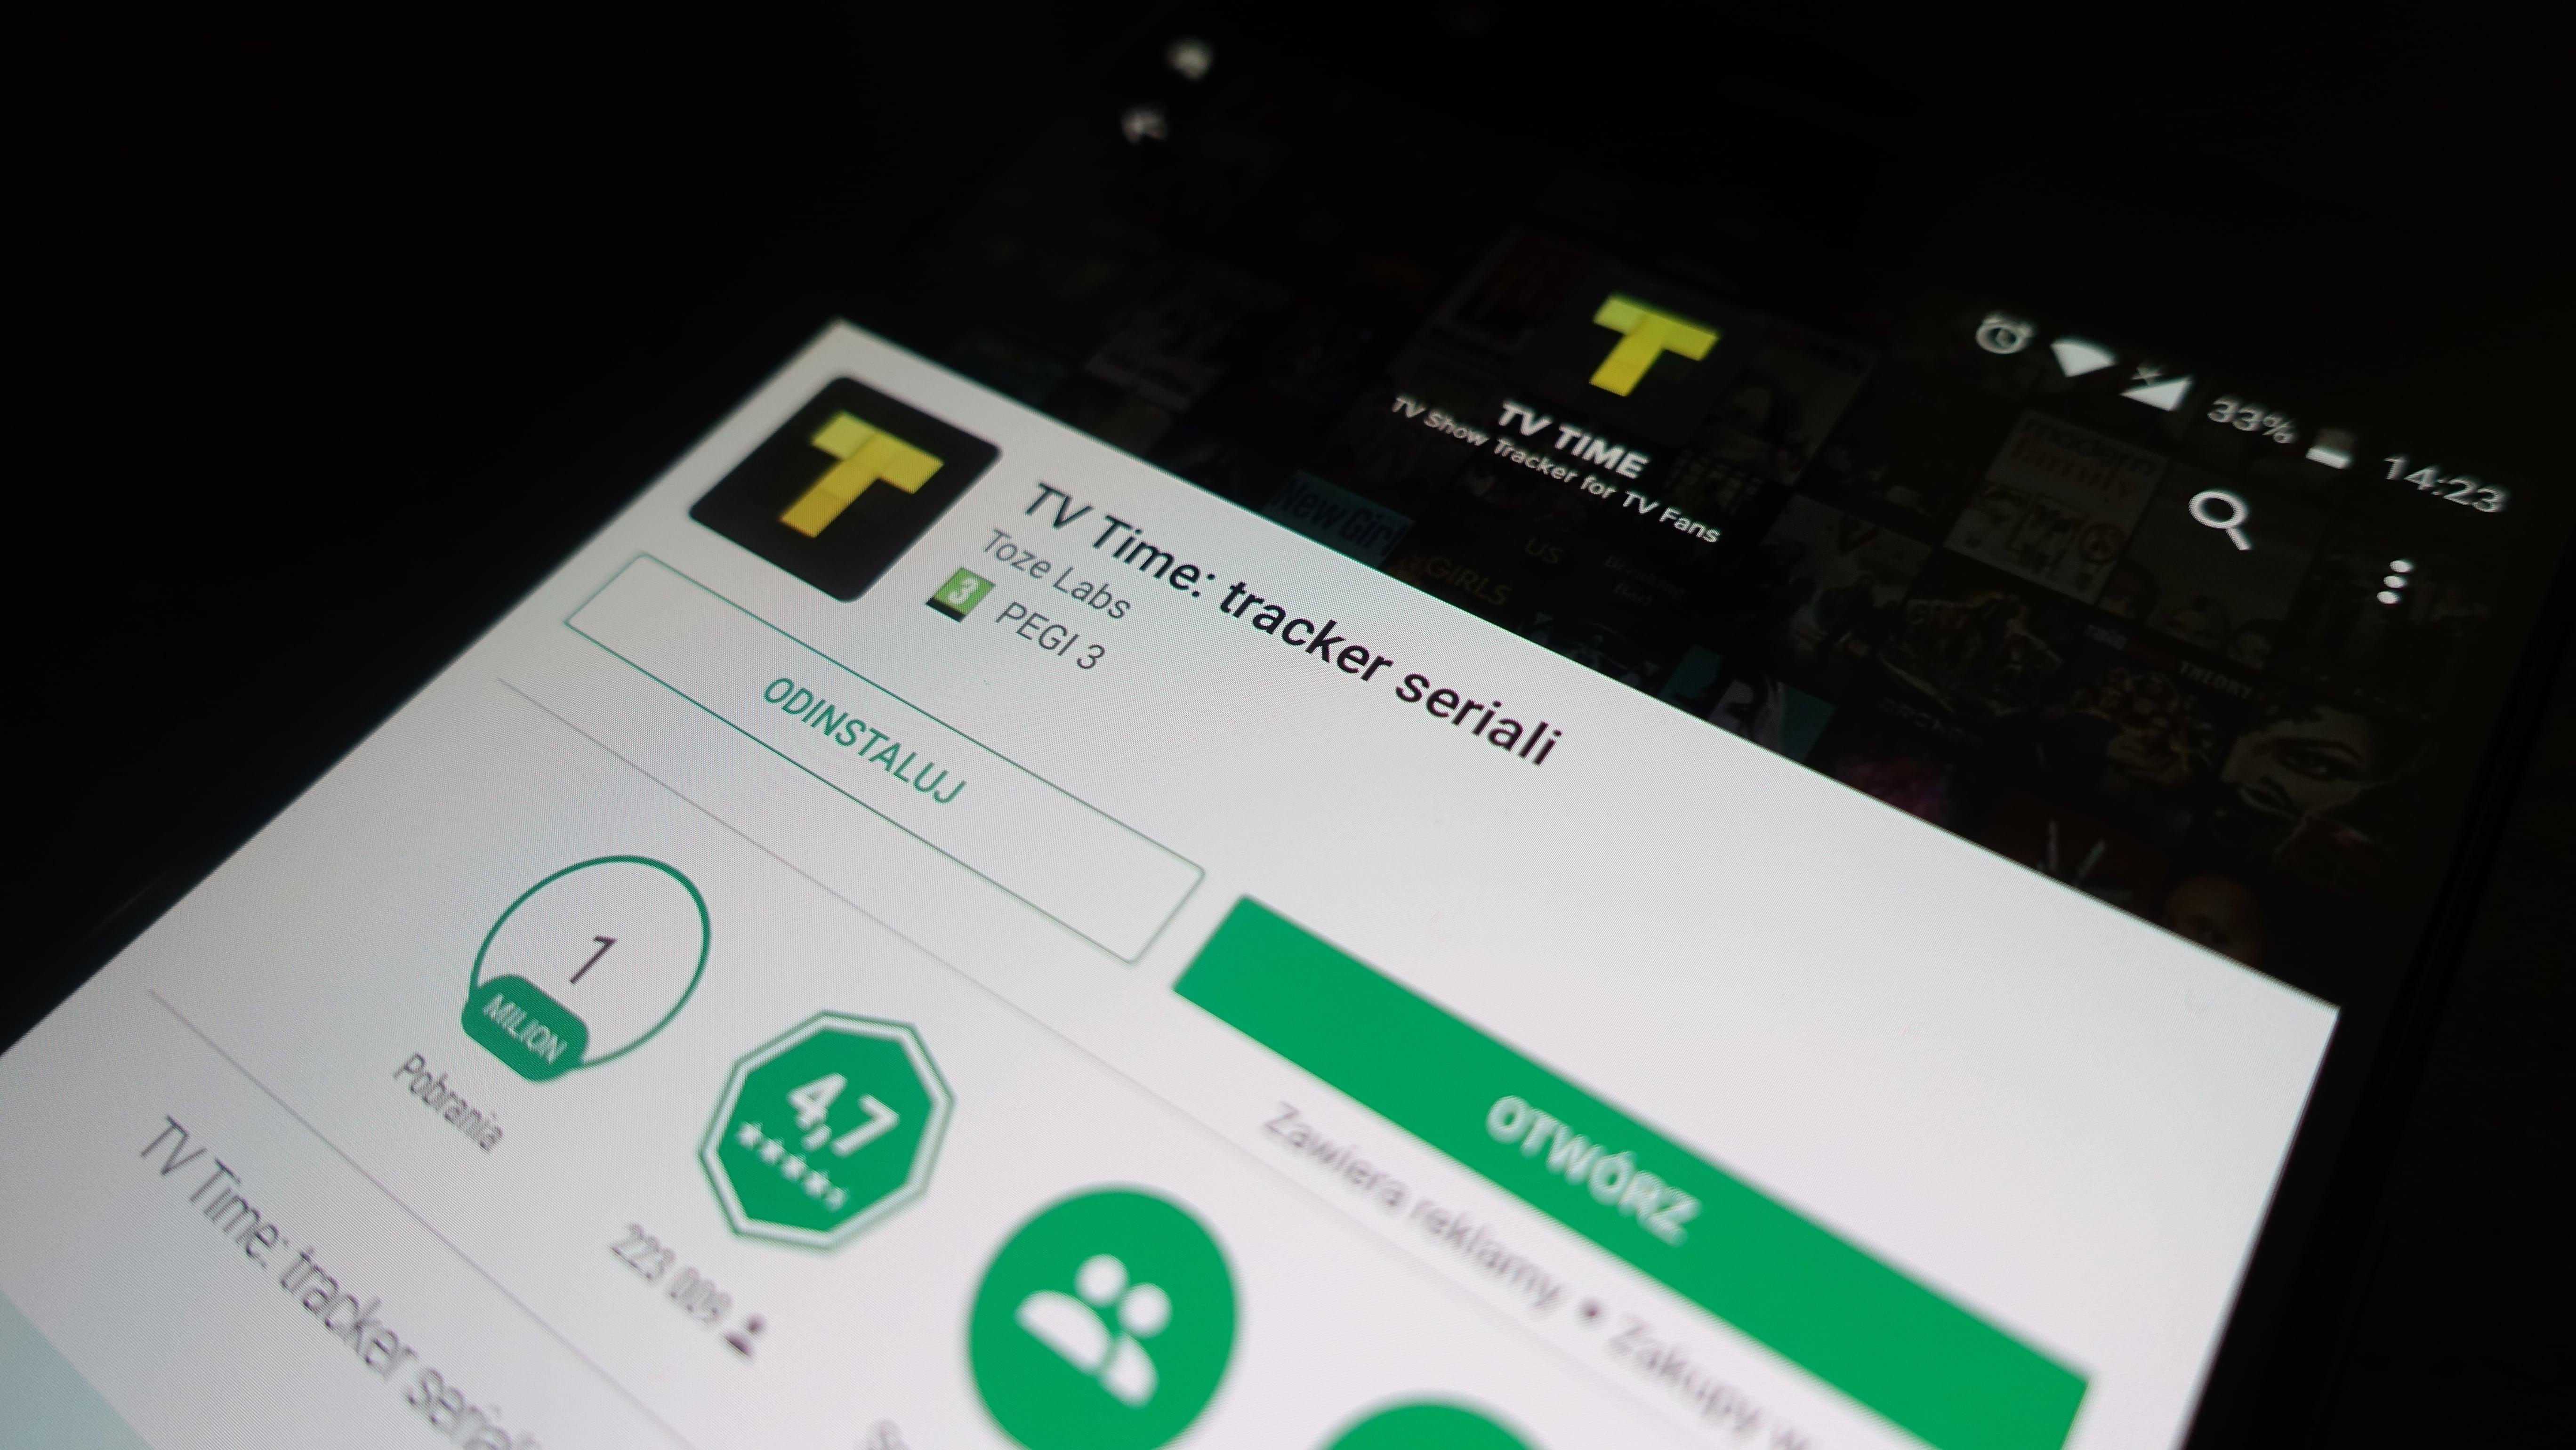 Aplikacja tygodnia #5 - TV Time: tracker seriali 21